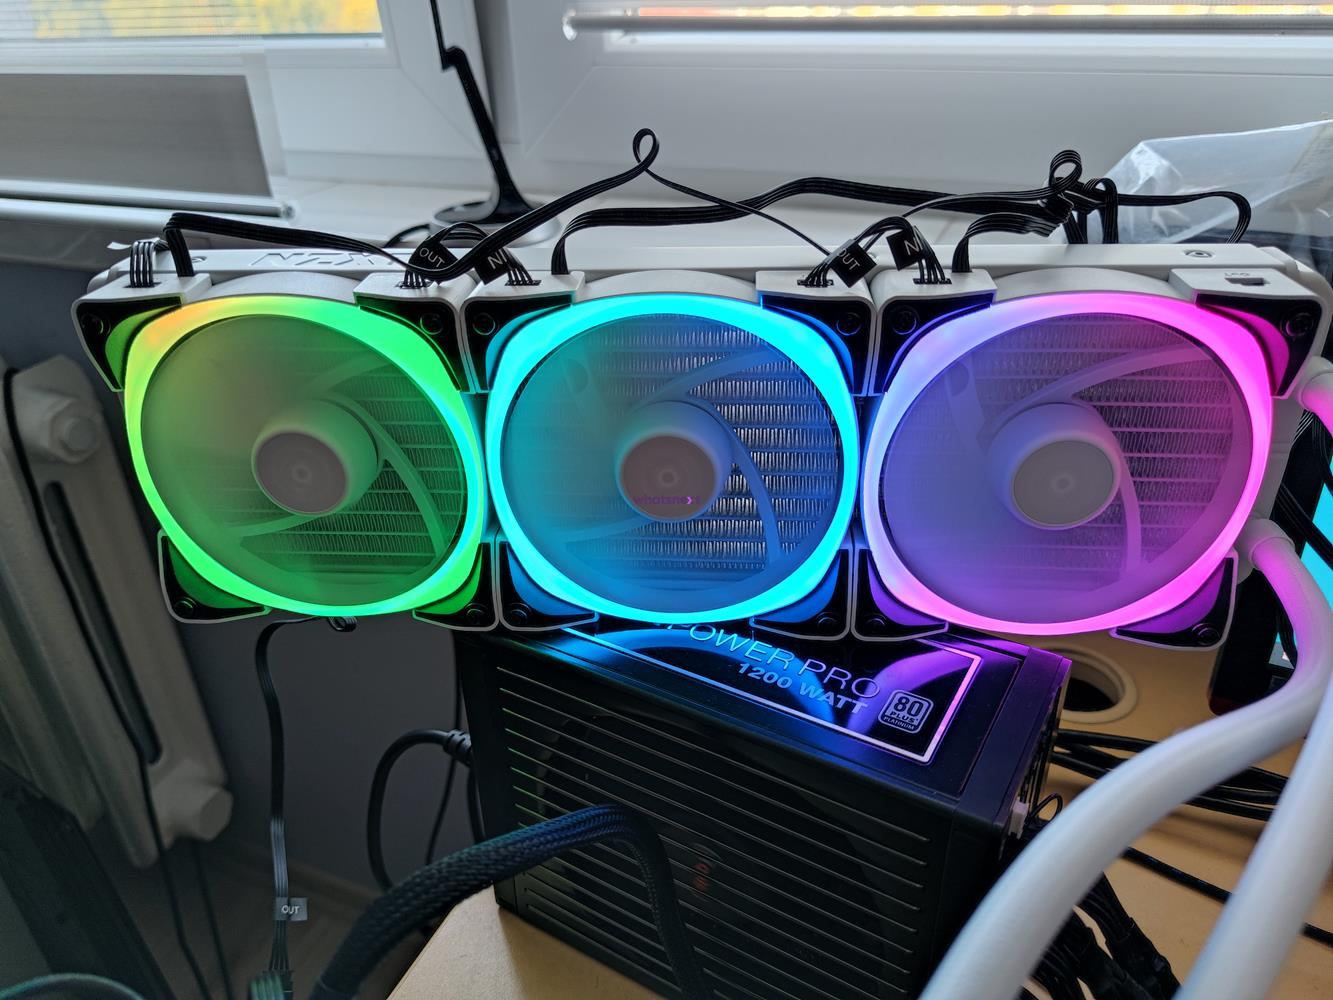 test NZXT Kraken X73 RGB, recenzja NZXT Kraken X73 RGB, opinia NZXT Kraken X73 RGB